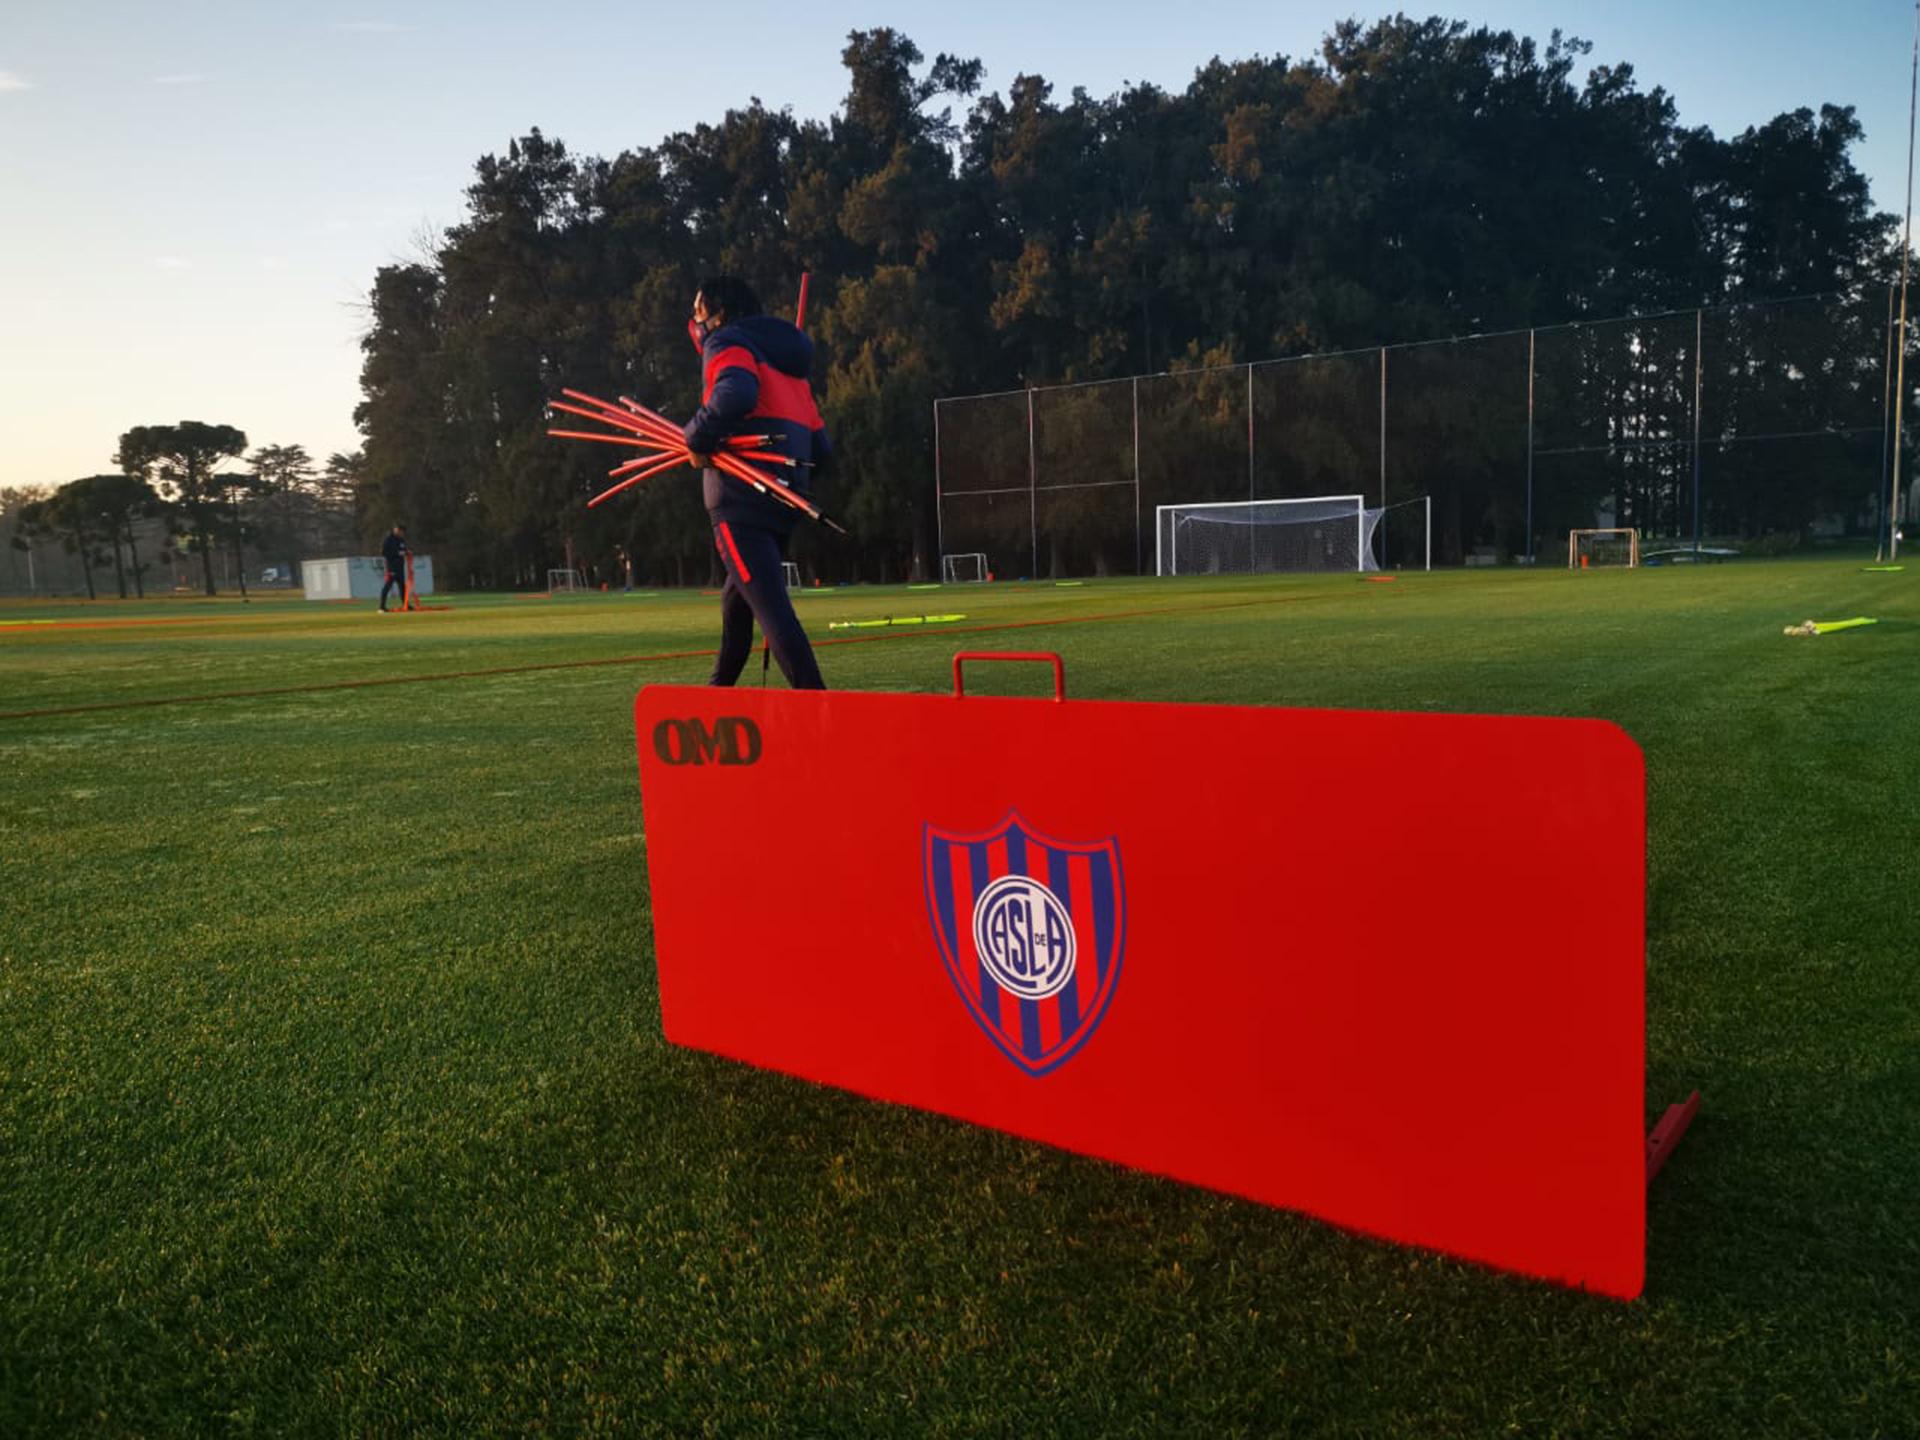 La práctica fue dividida en siete grupos (burbujas) y en total habrá cinco turnos matutinos que se desarrollarán entre las 8.30 y las 11.30